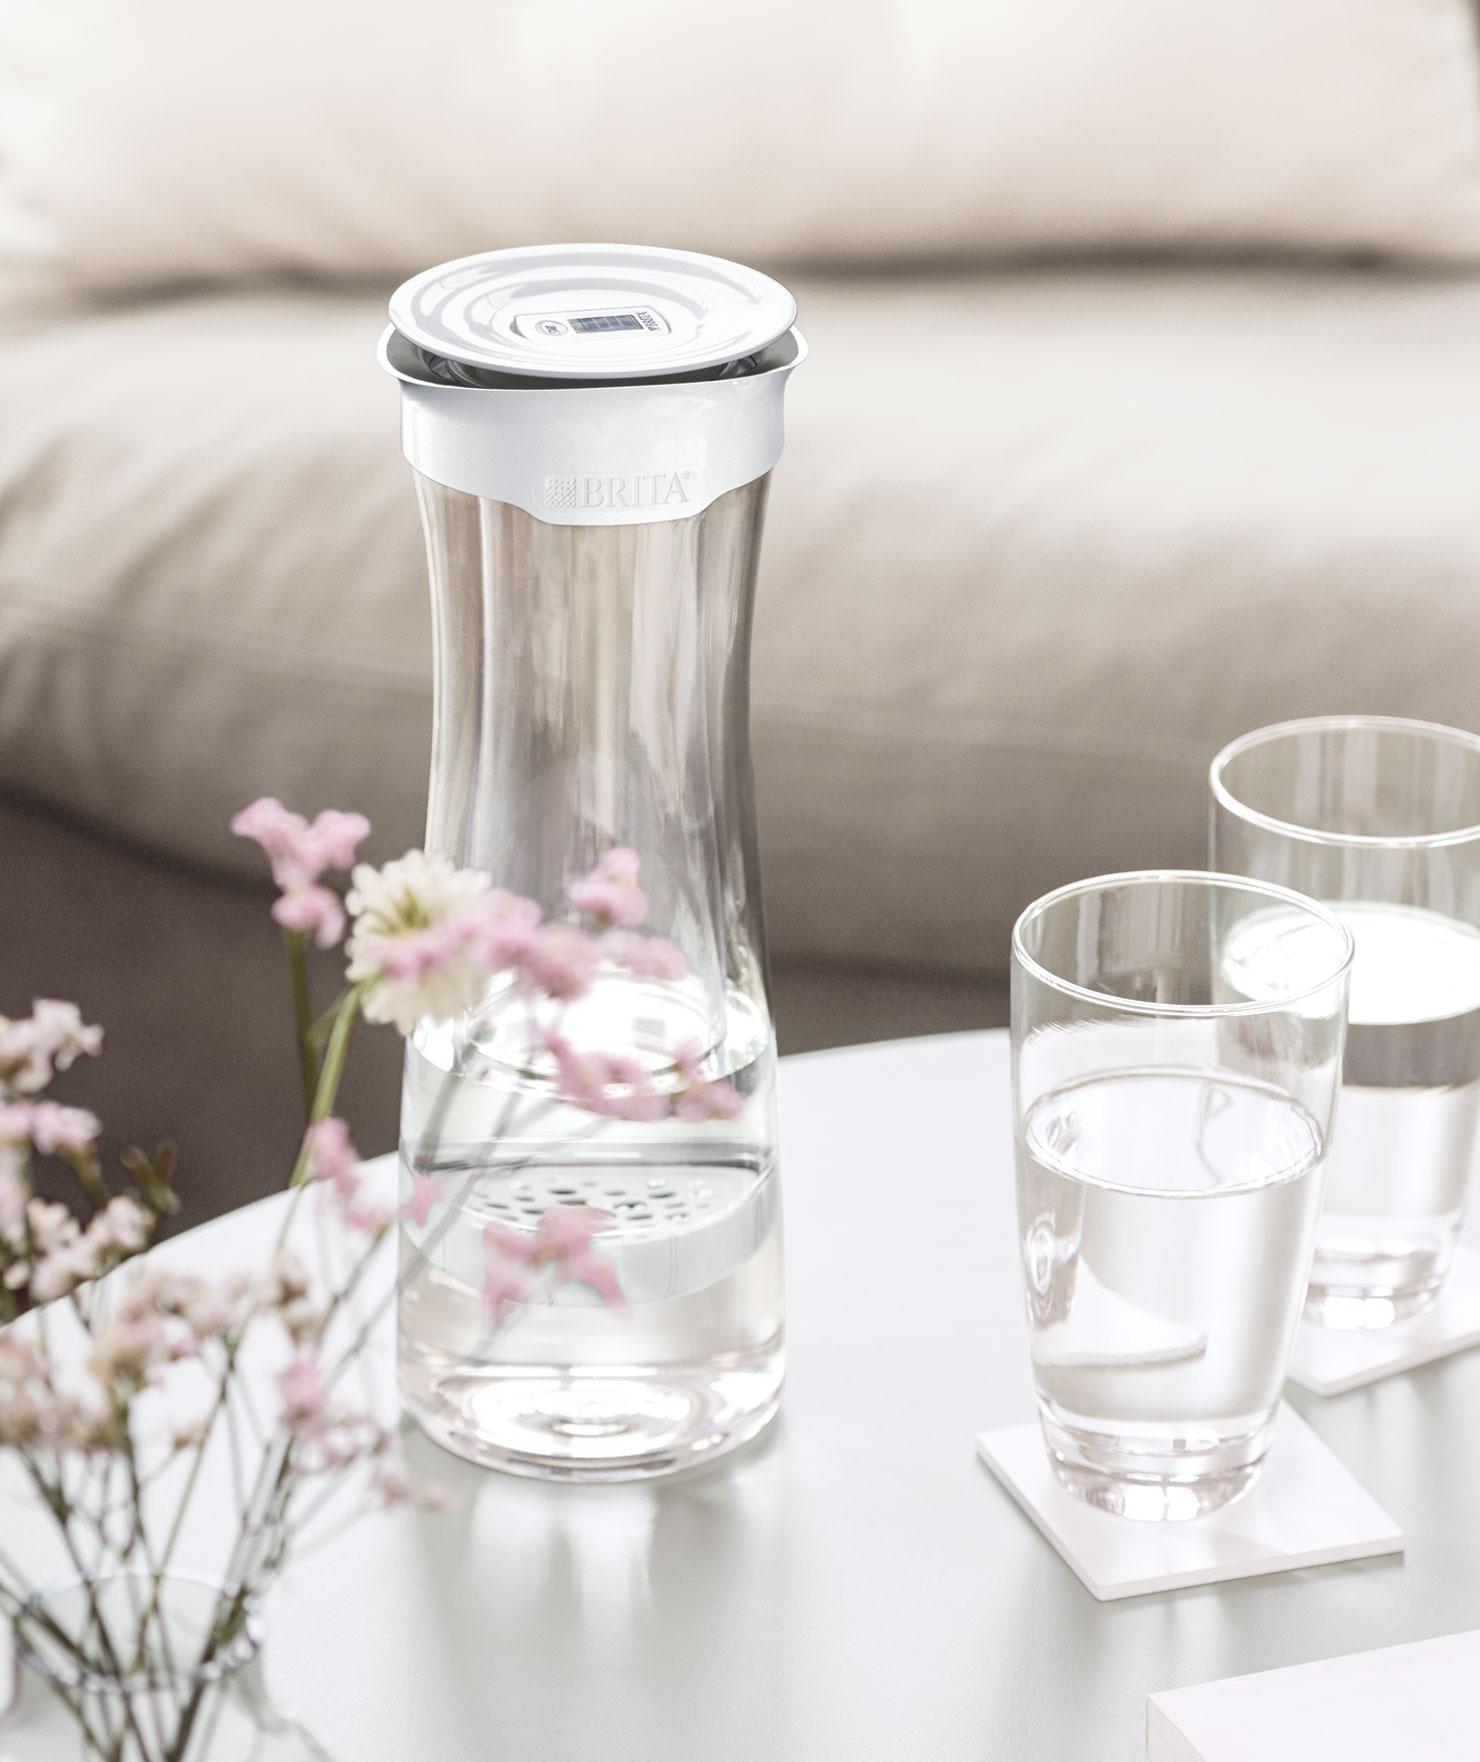 放於客廳茶几上的 fill&serve 時尚濾水瓶